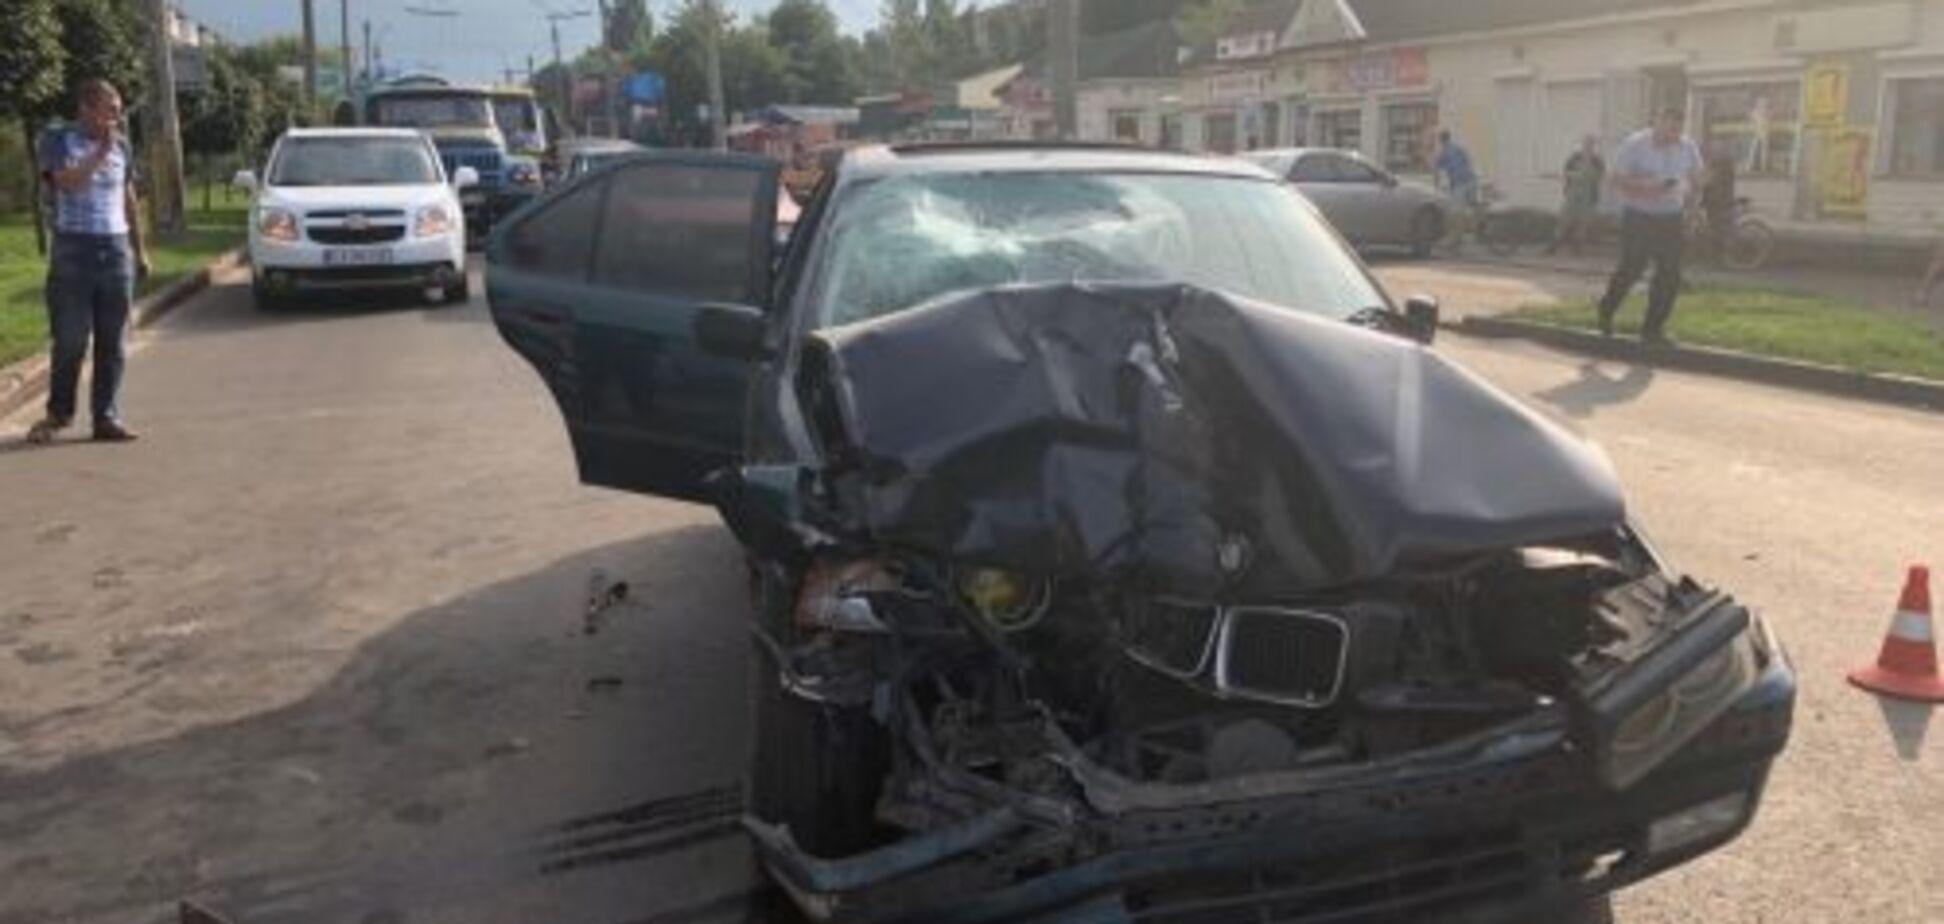 Погибла семья полицейского: появились новые подробности пьяного ДТП в Черкассах